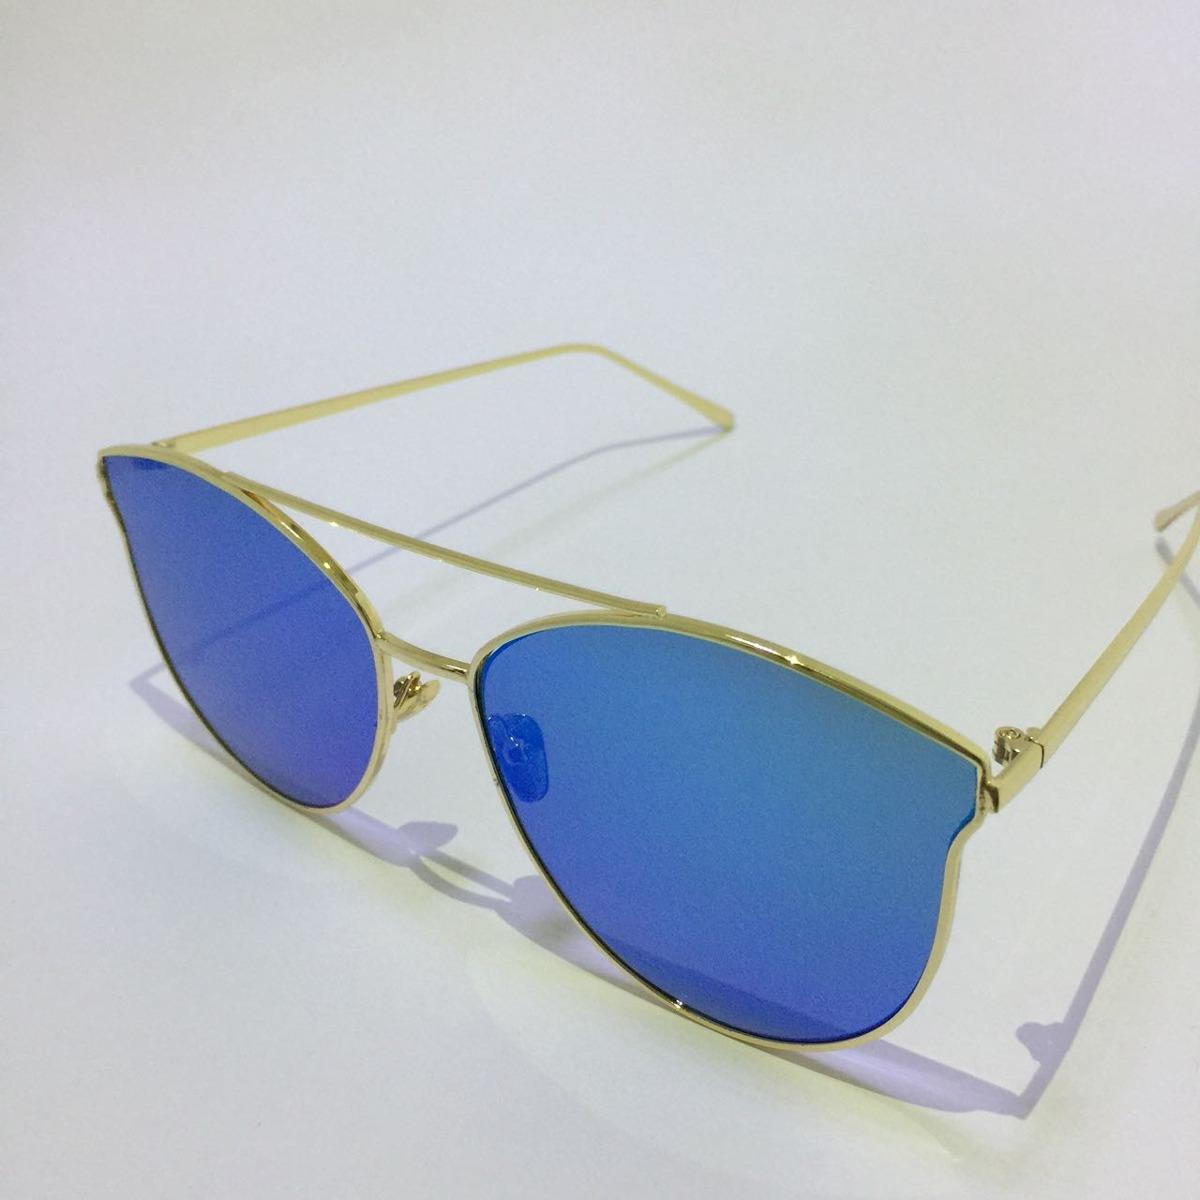 292a235288475 óculos de sol feminino espelhado azul niterói 2.0. Carregando zoom.